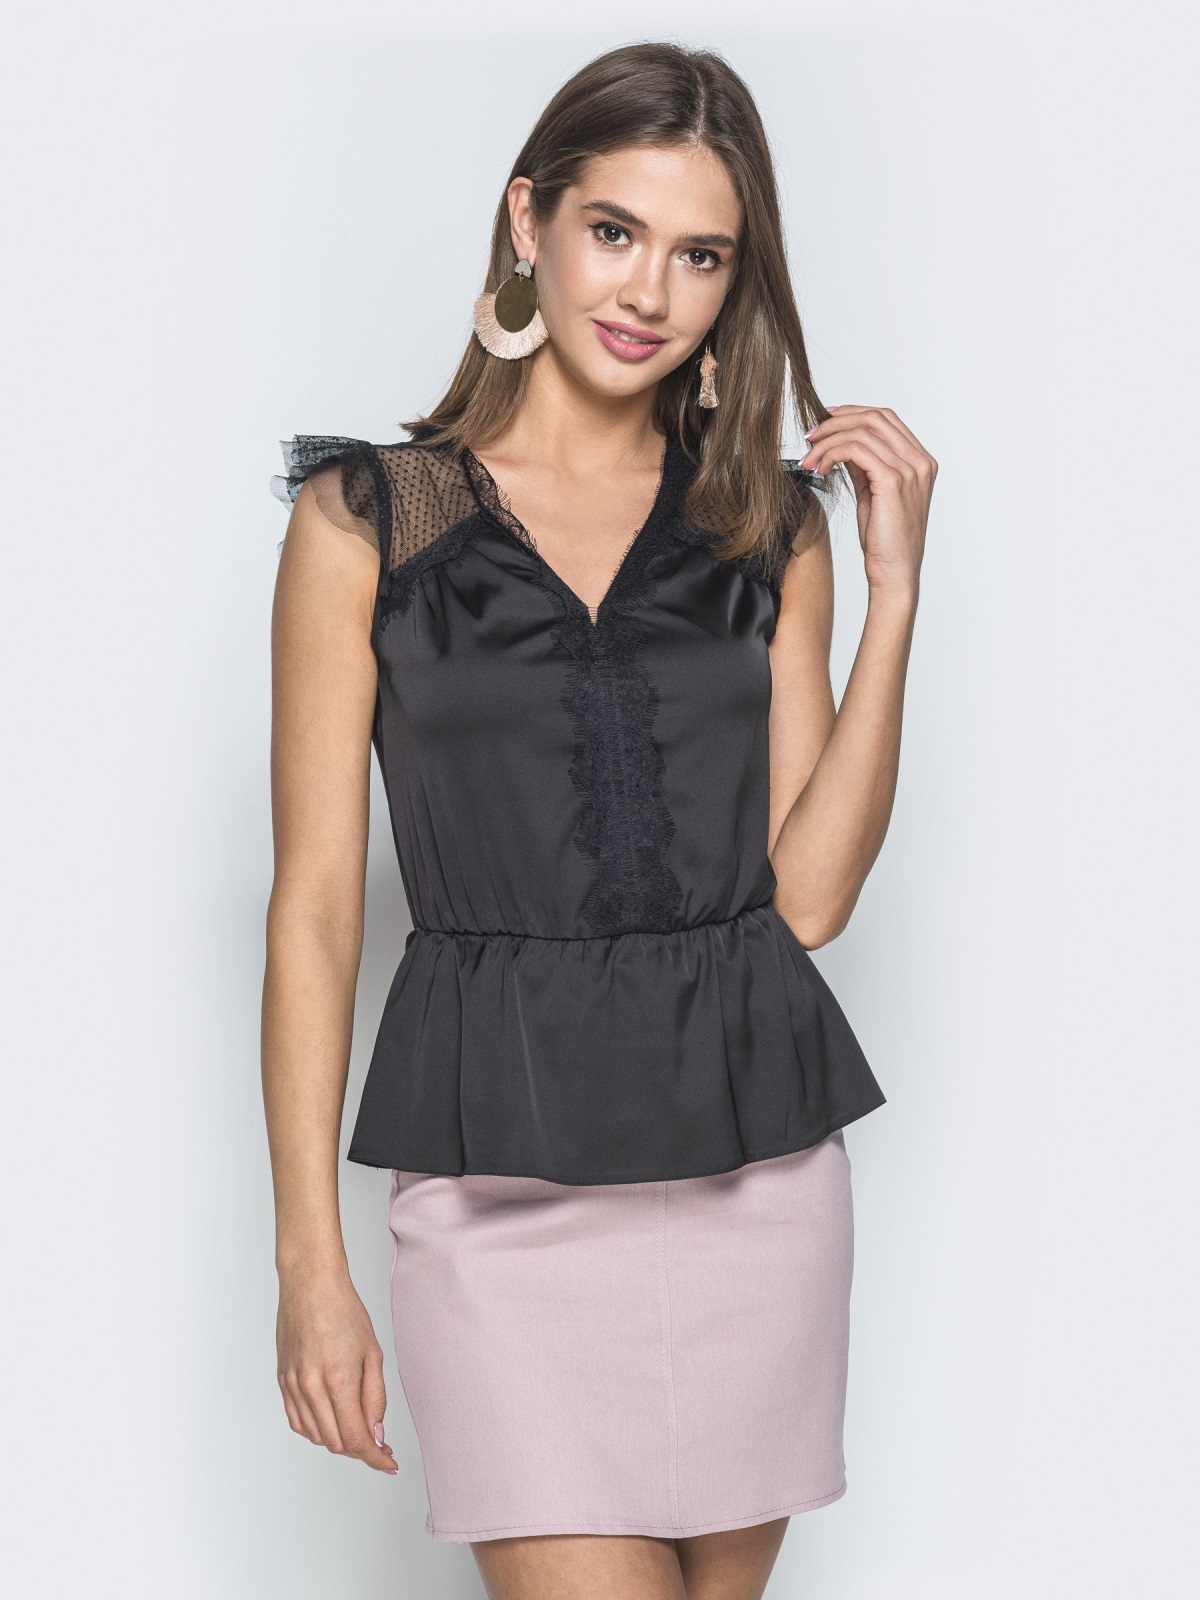 Шелковая блузка с фатиновыми вставками на плечах чёрная - 38460, фото 1 – интернет-магазин Dressa